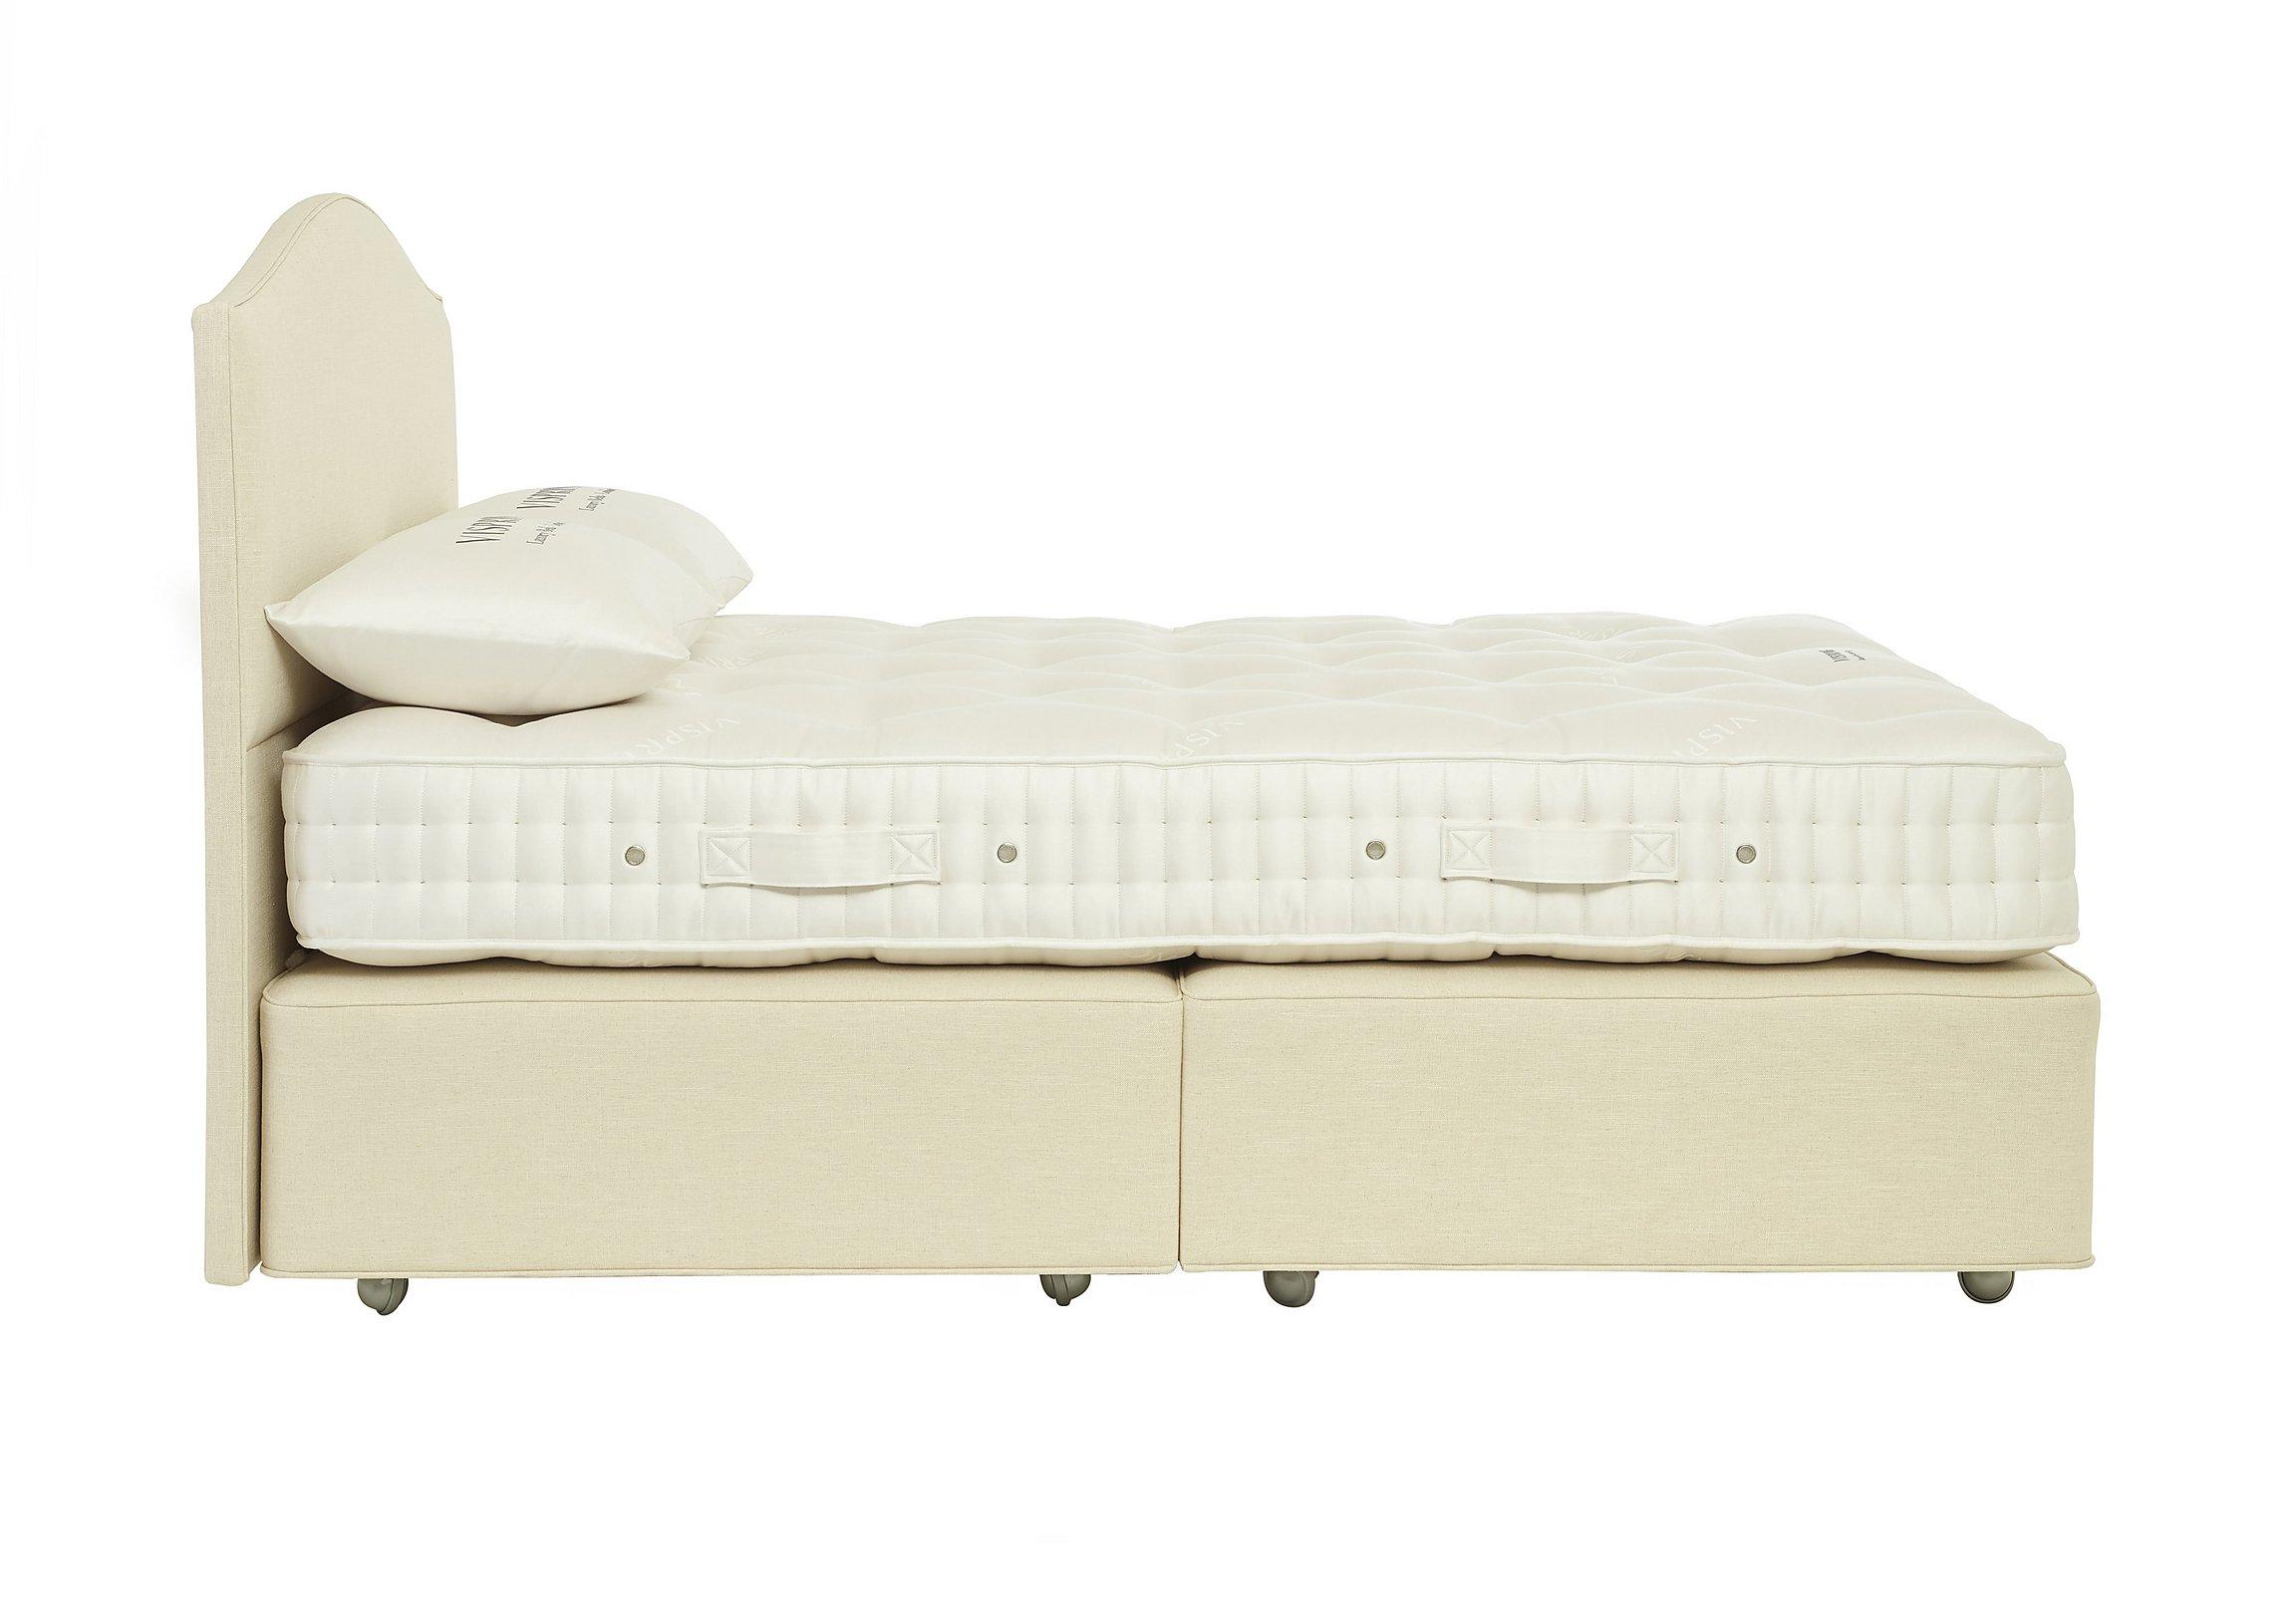 Baronet Superb Pocket Sprung Divan Set - Vispring - Furniture Village